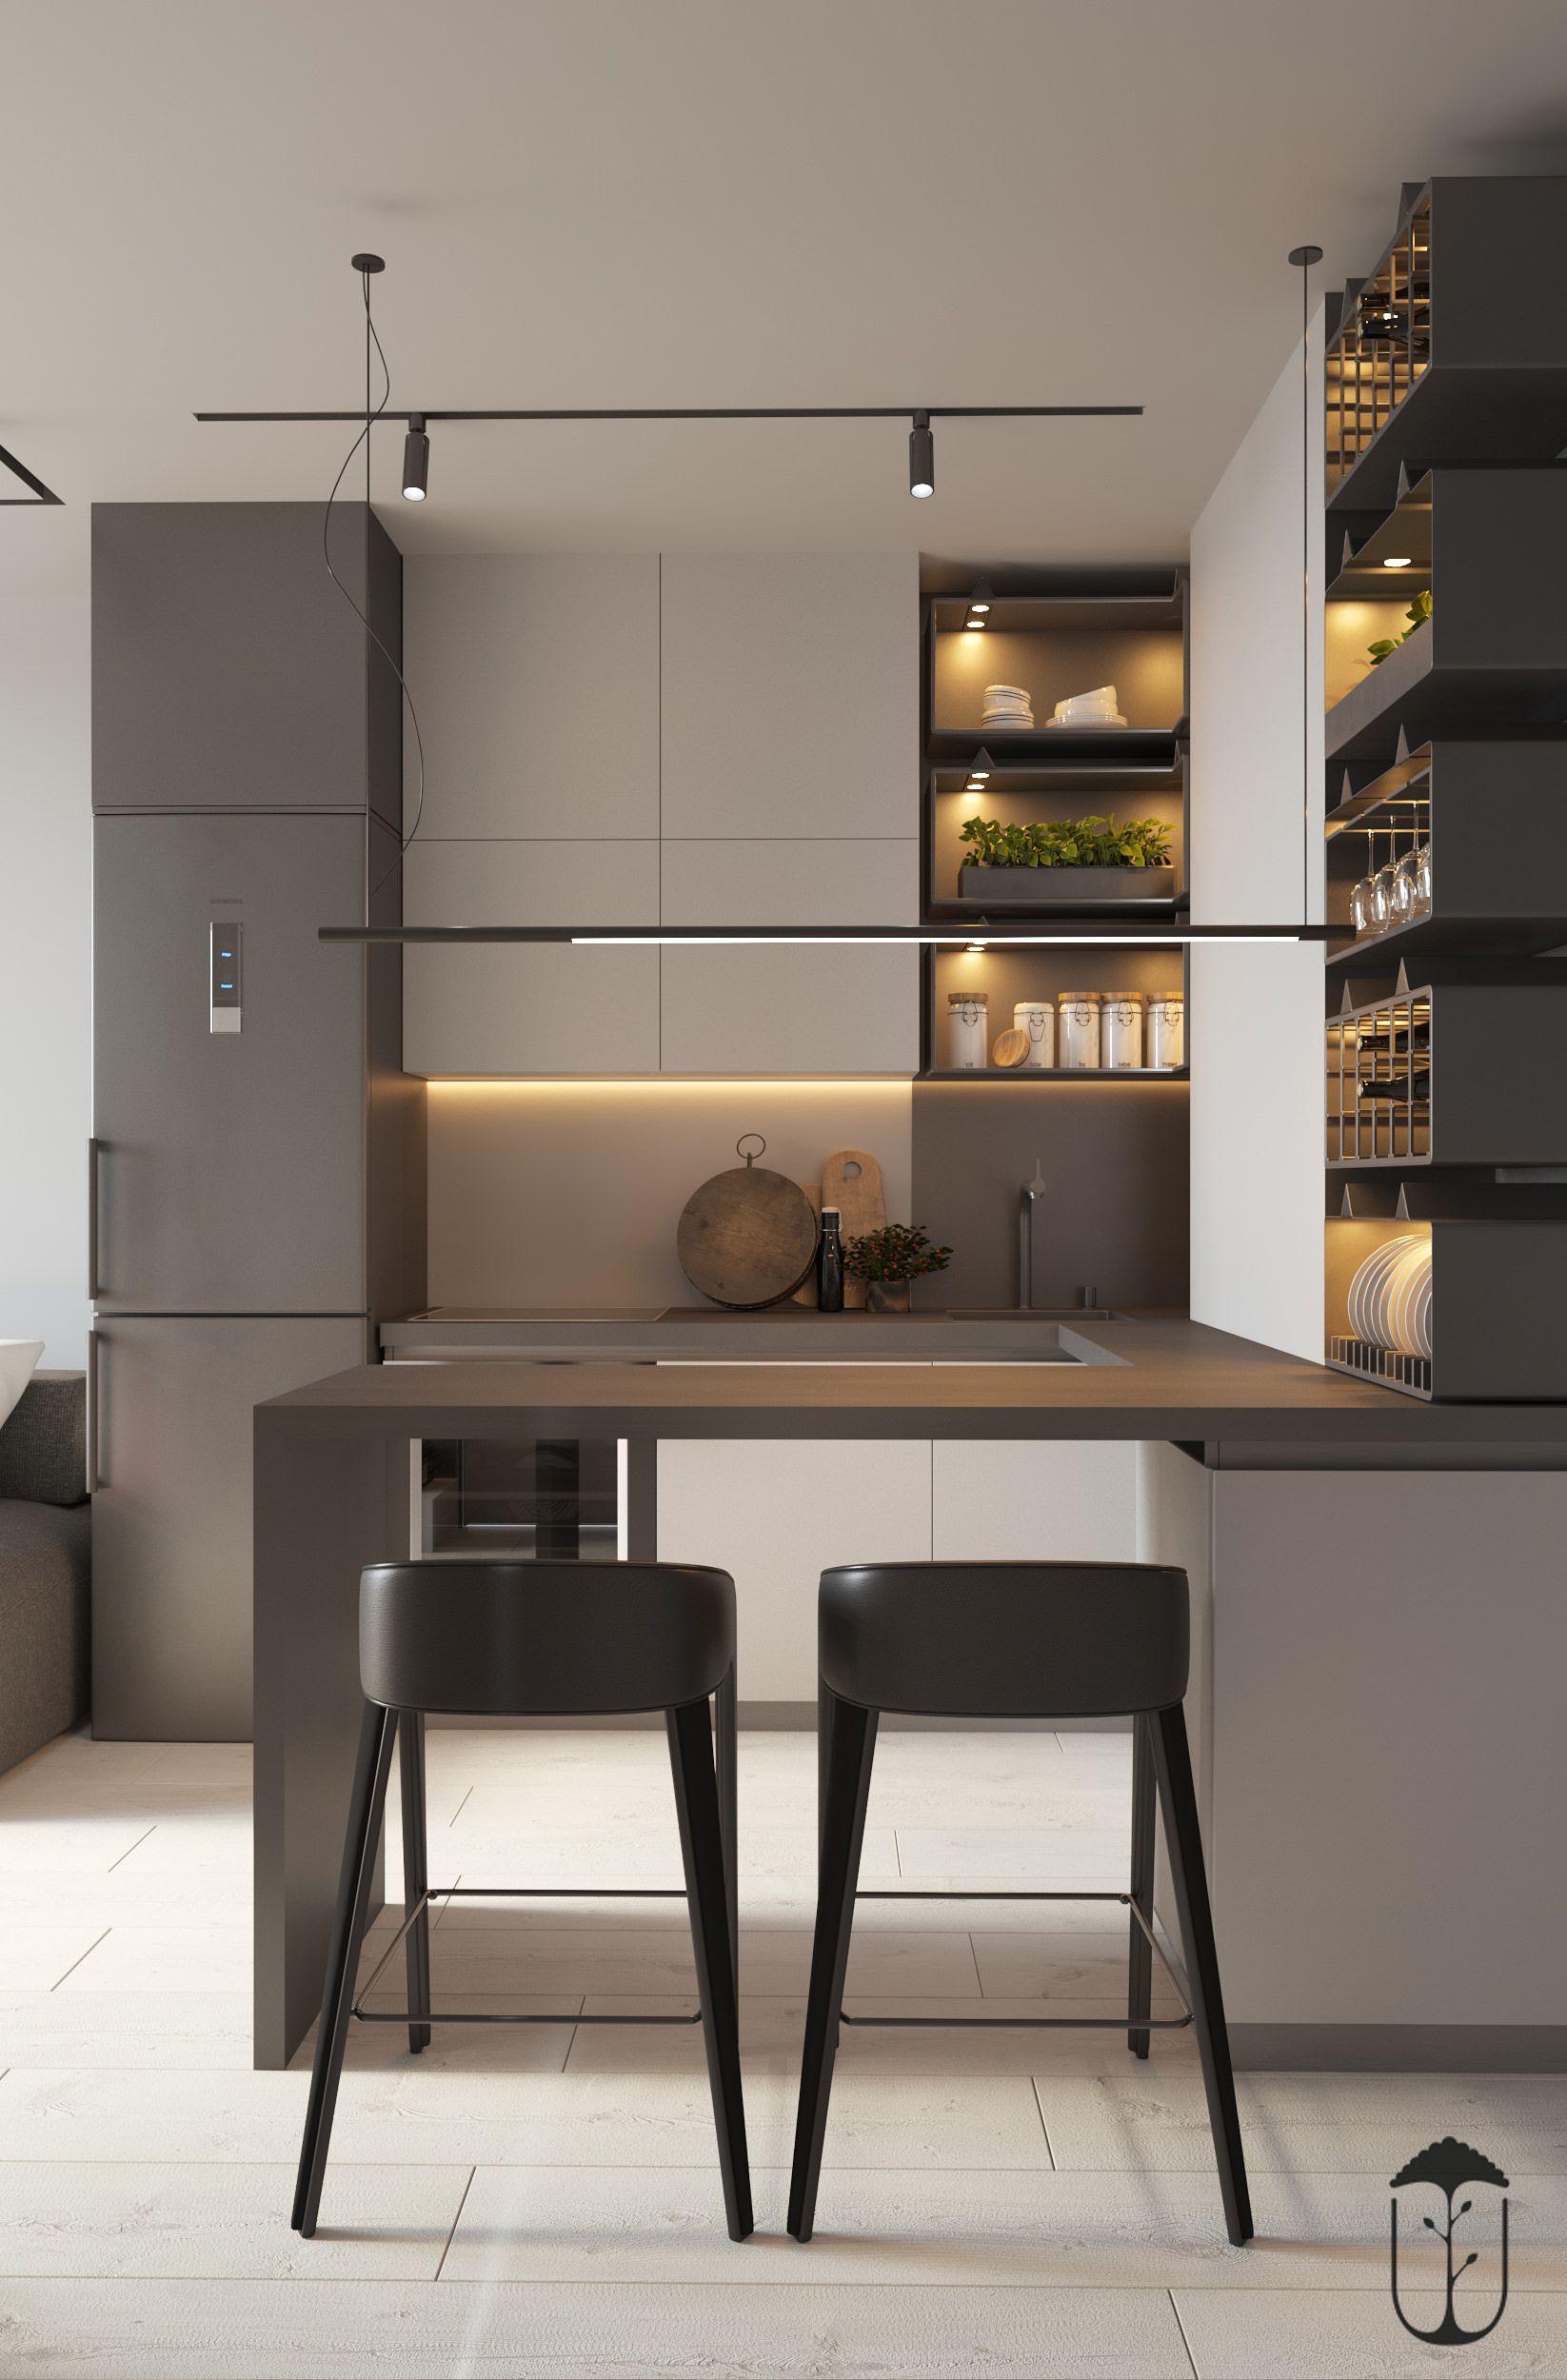 Cuisine dans un petit espace #decoration #design #kitchen